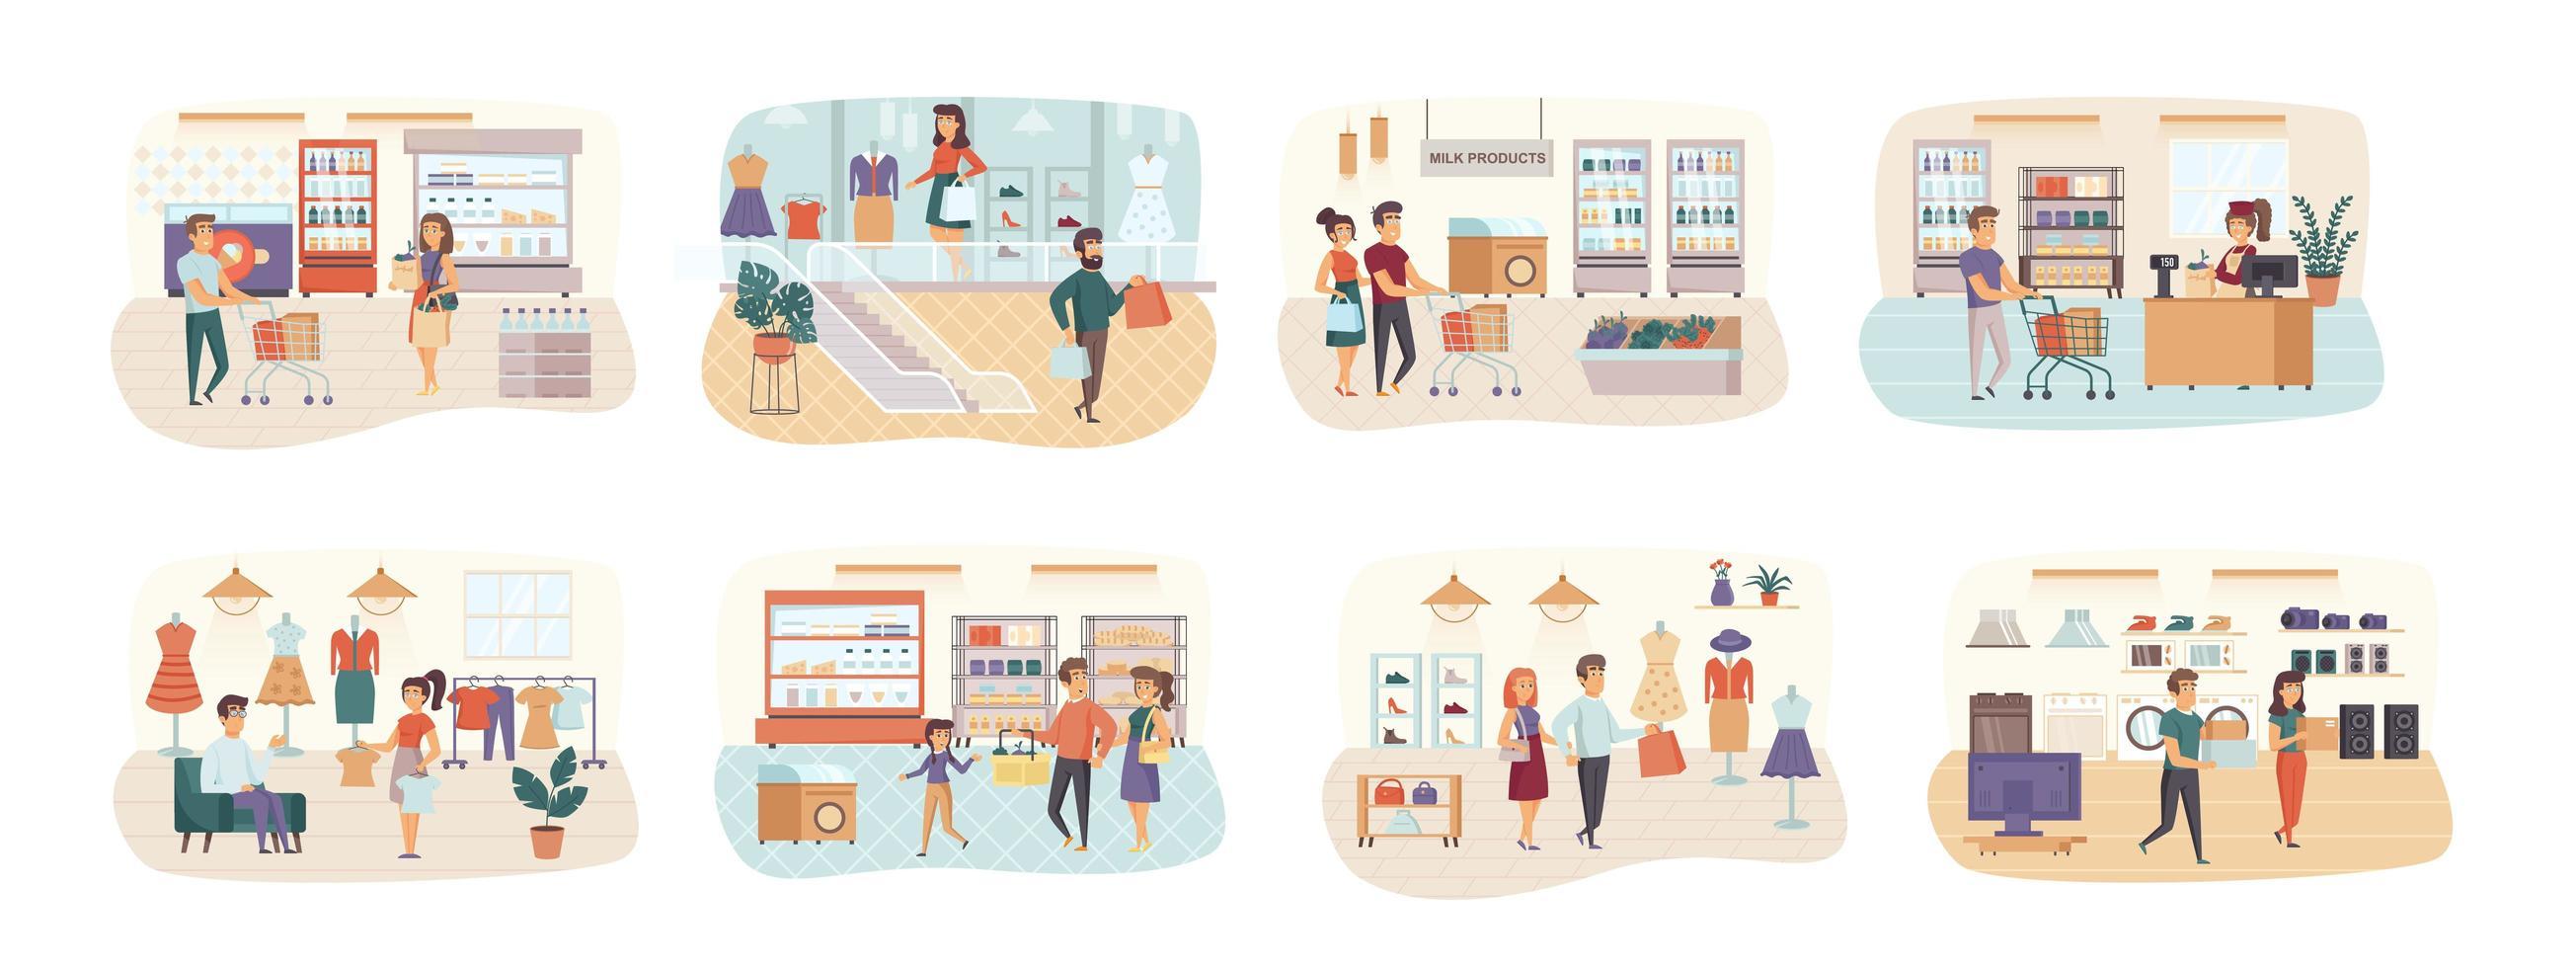 shopping bundle de scènes avec des personnages plats vecteur